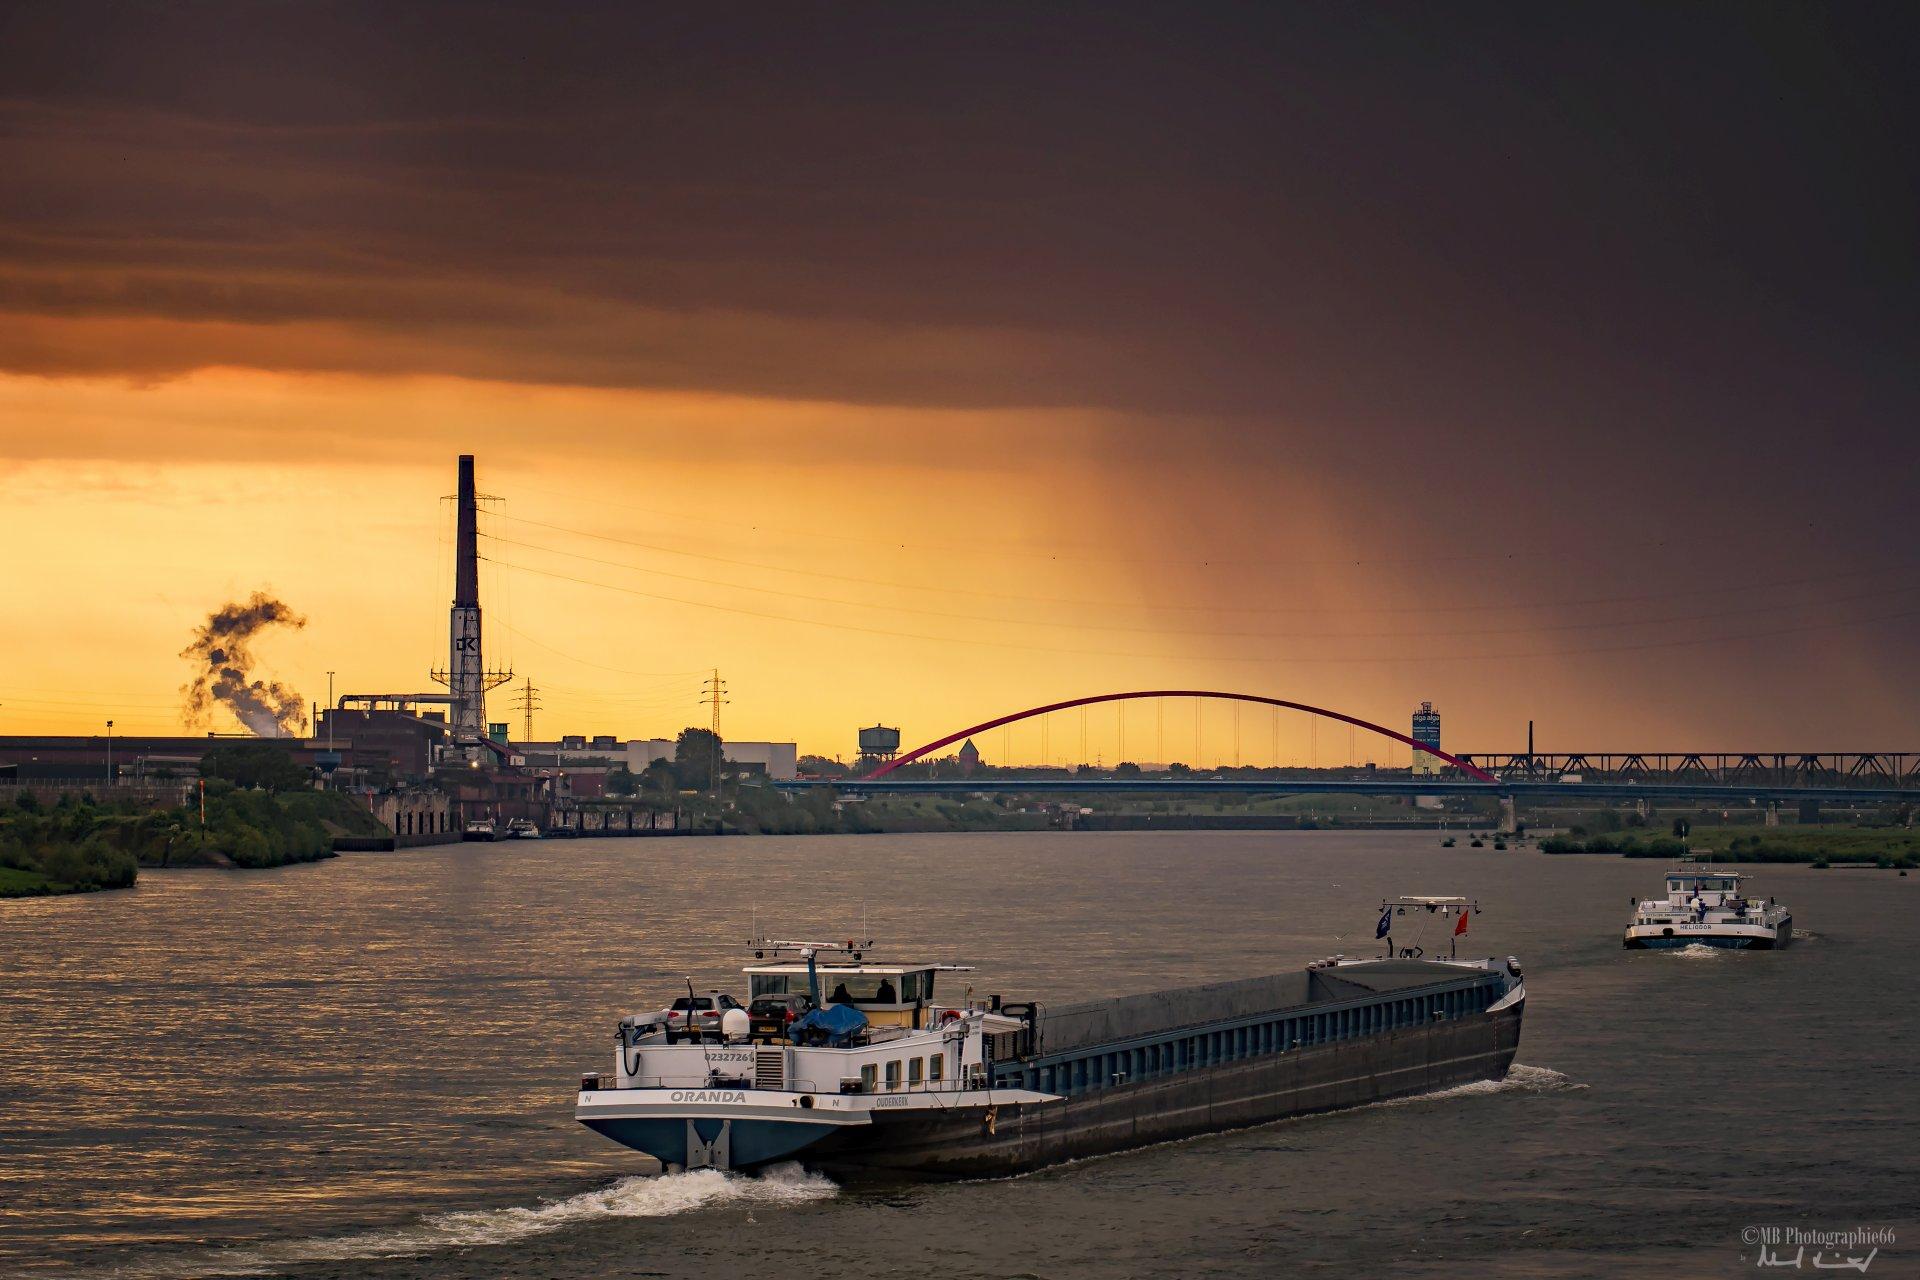 Schiff auf dem Rhein bei Gewitter und Sonnenaufgang